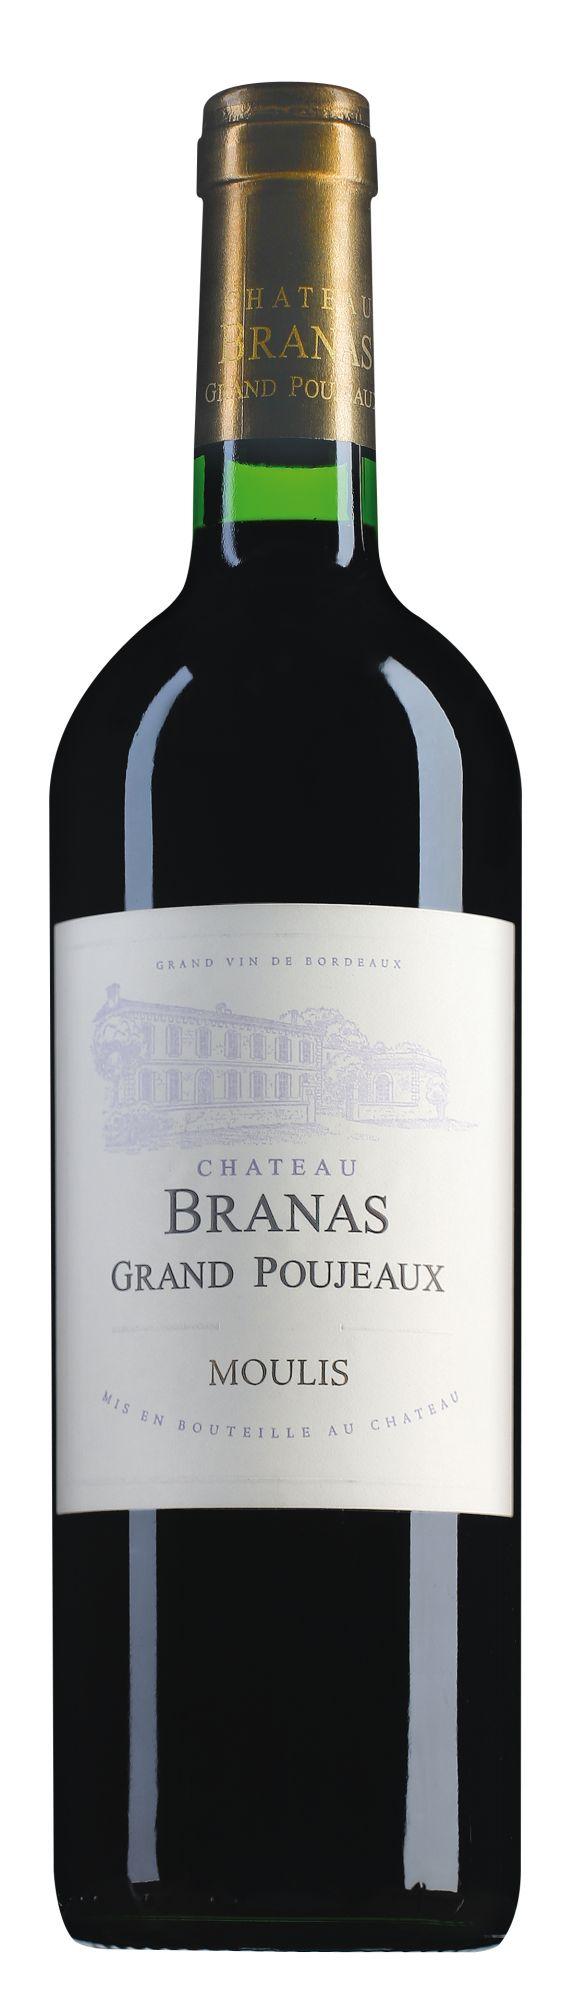 Château Branas Grand Poujeaux Moulis